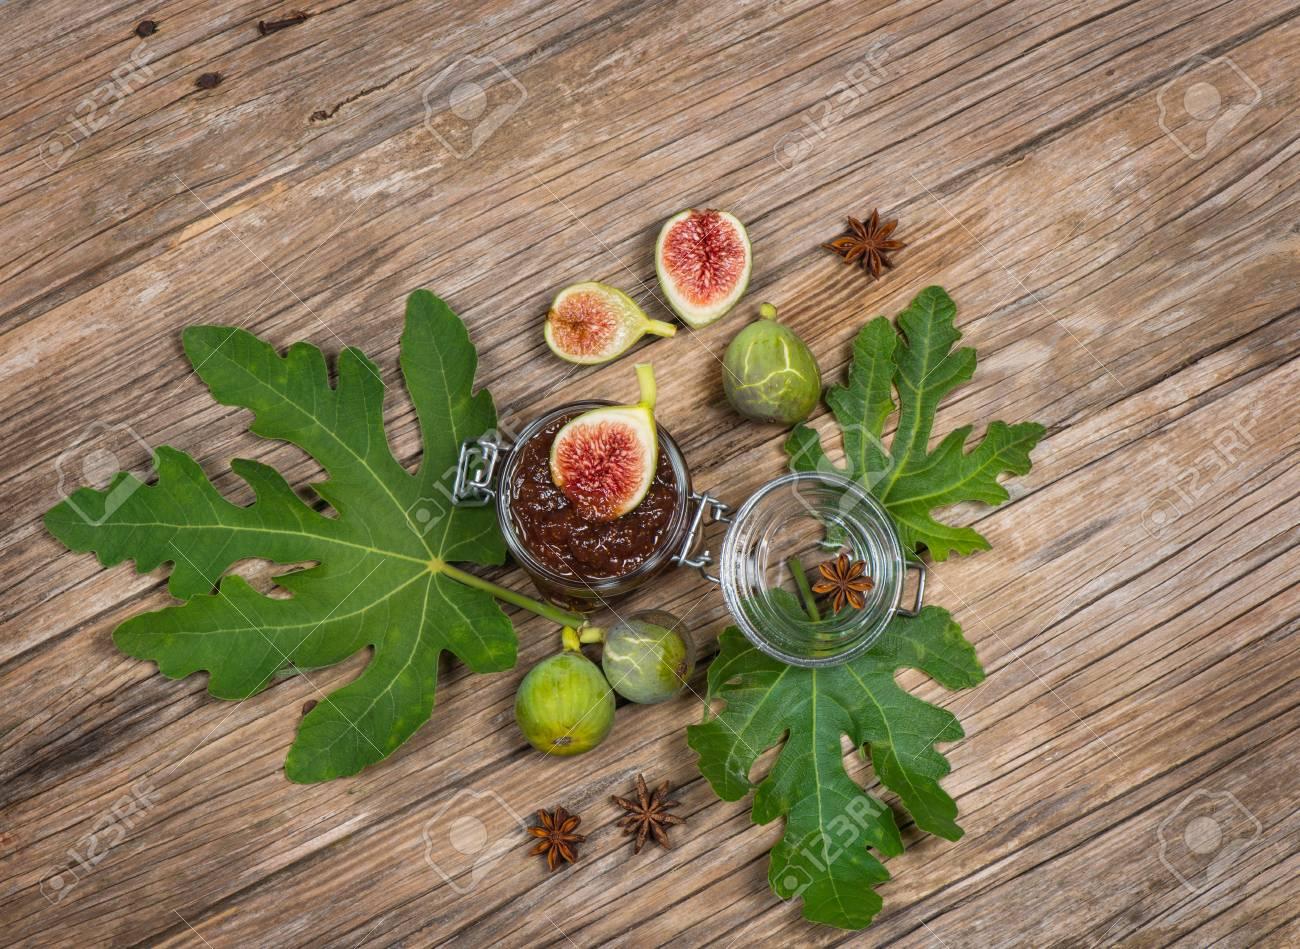 Vista Superior De Mermelada De Higos En Una Preservacin De Frutas